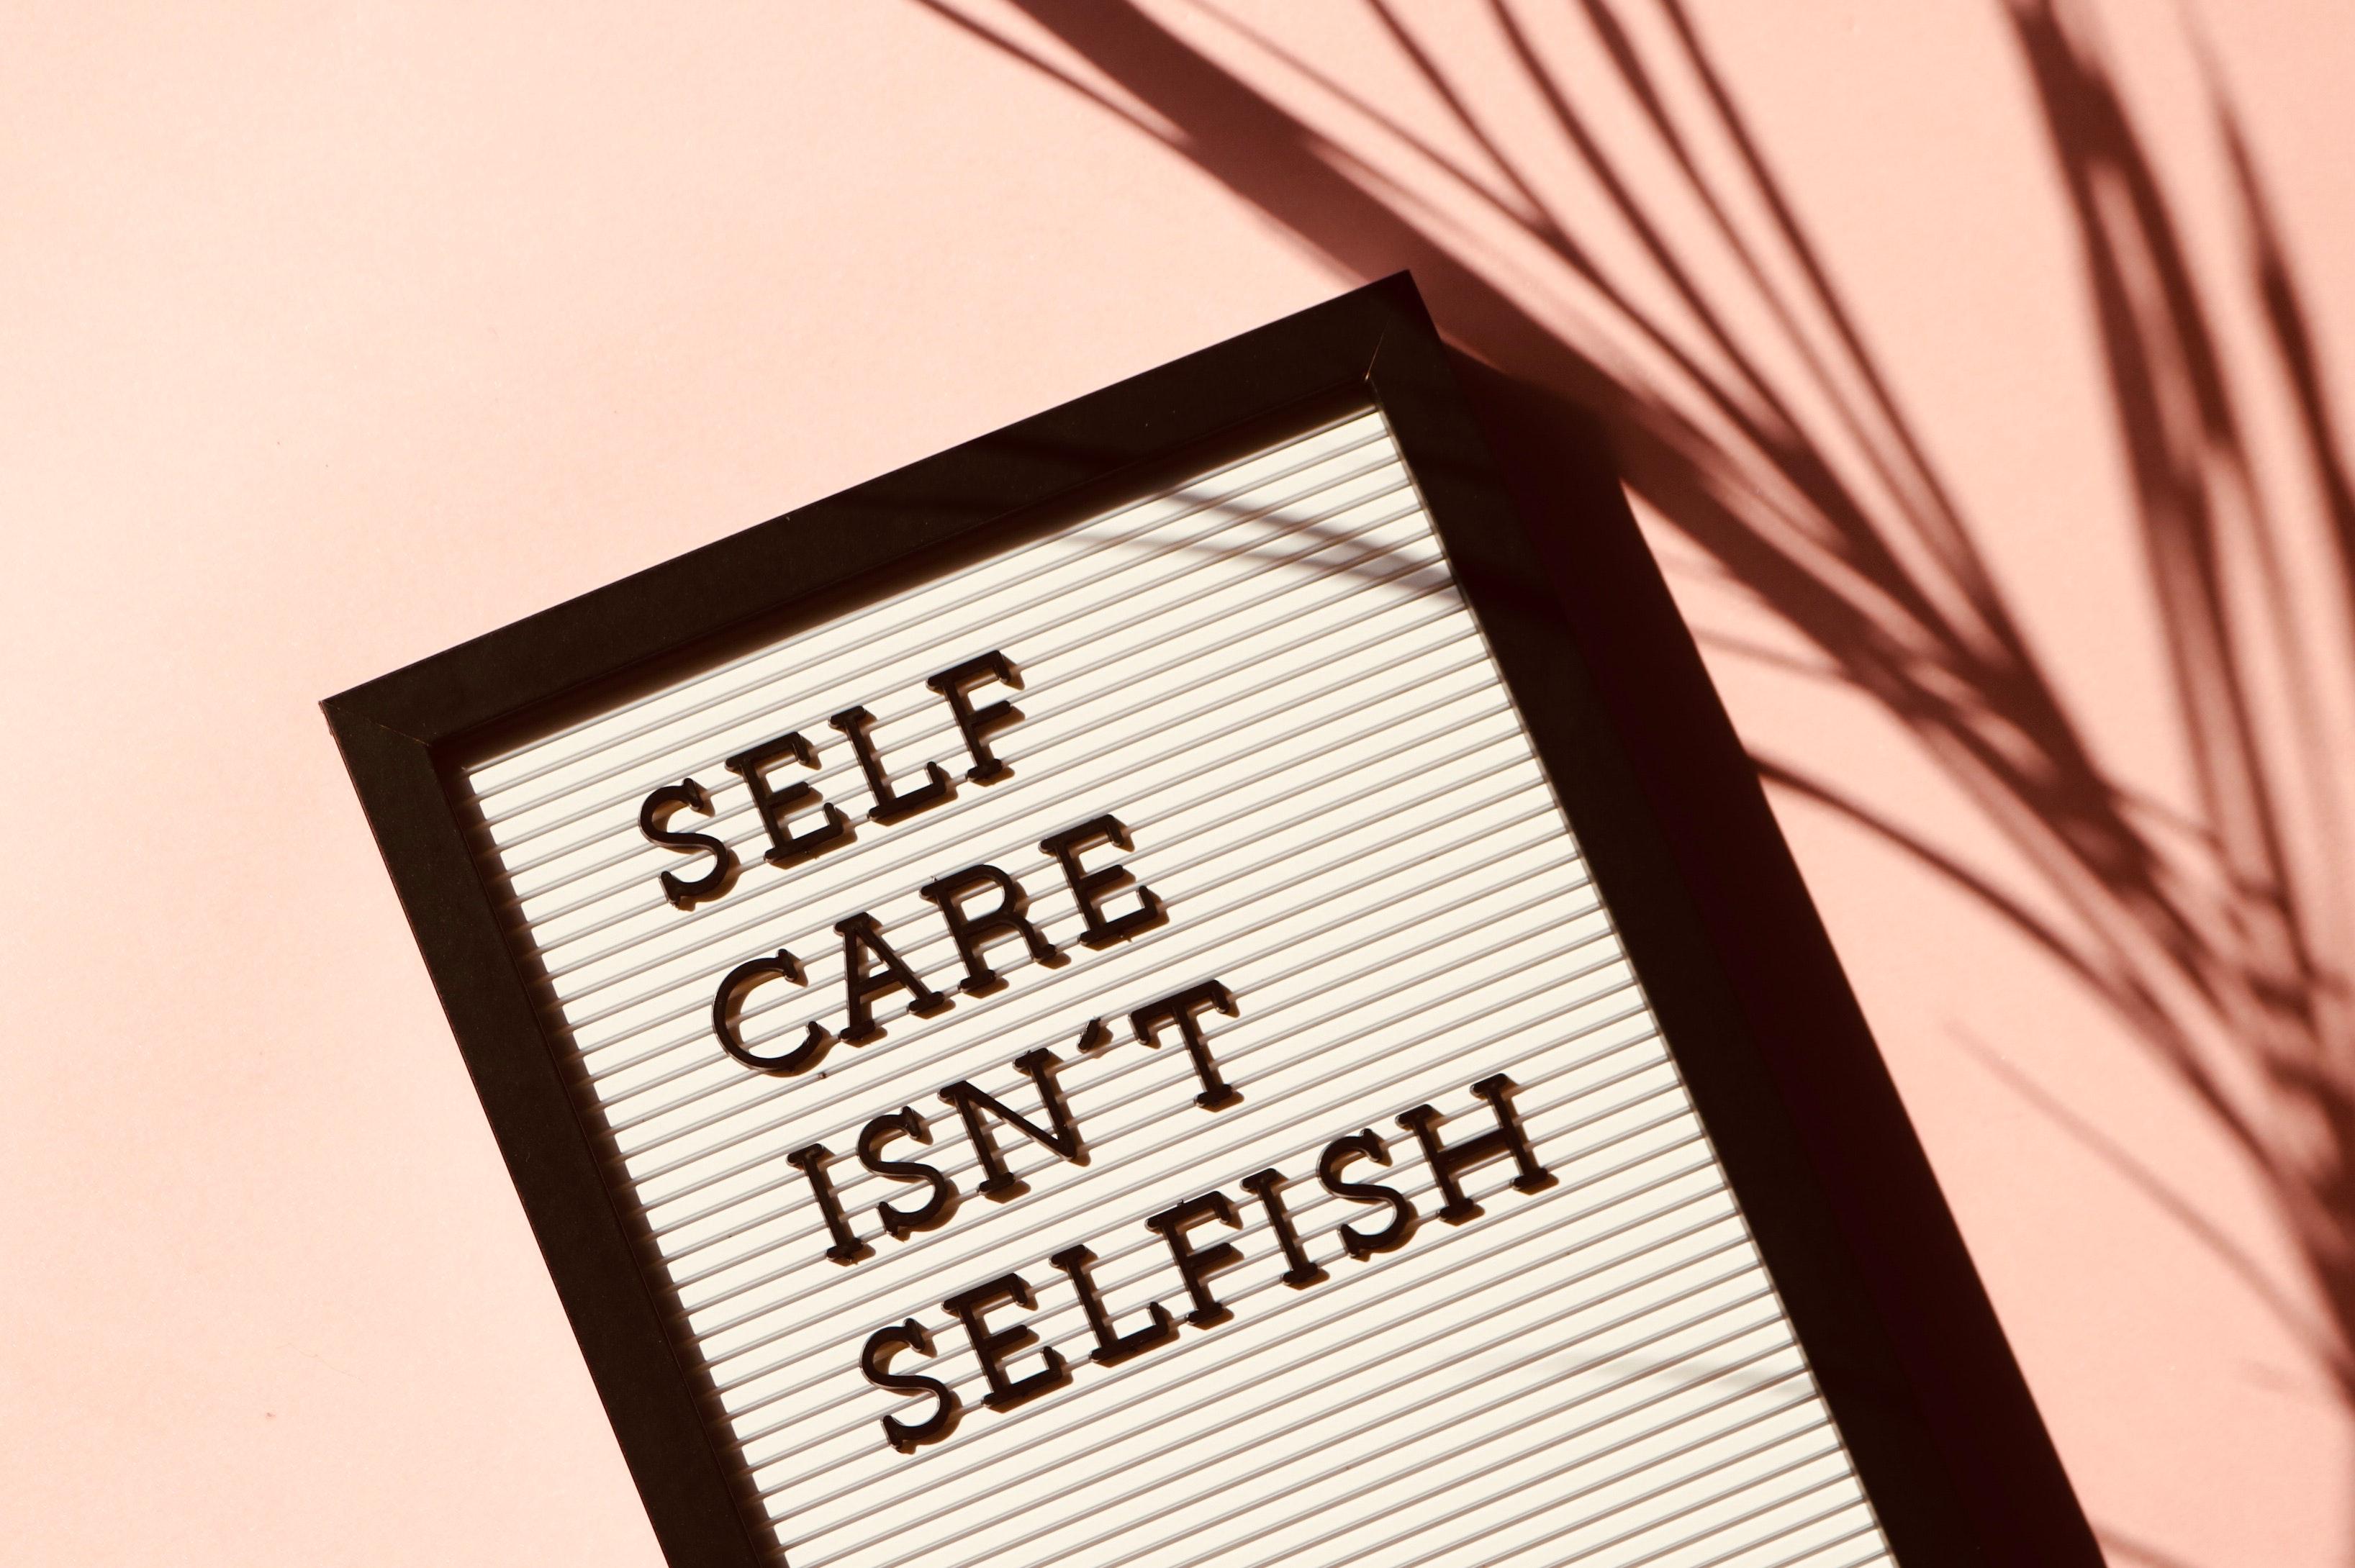 cartel que habla acerca de la autoestima y el egoísmo